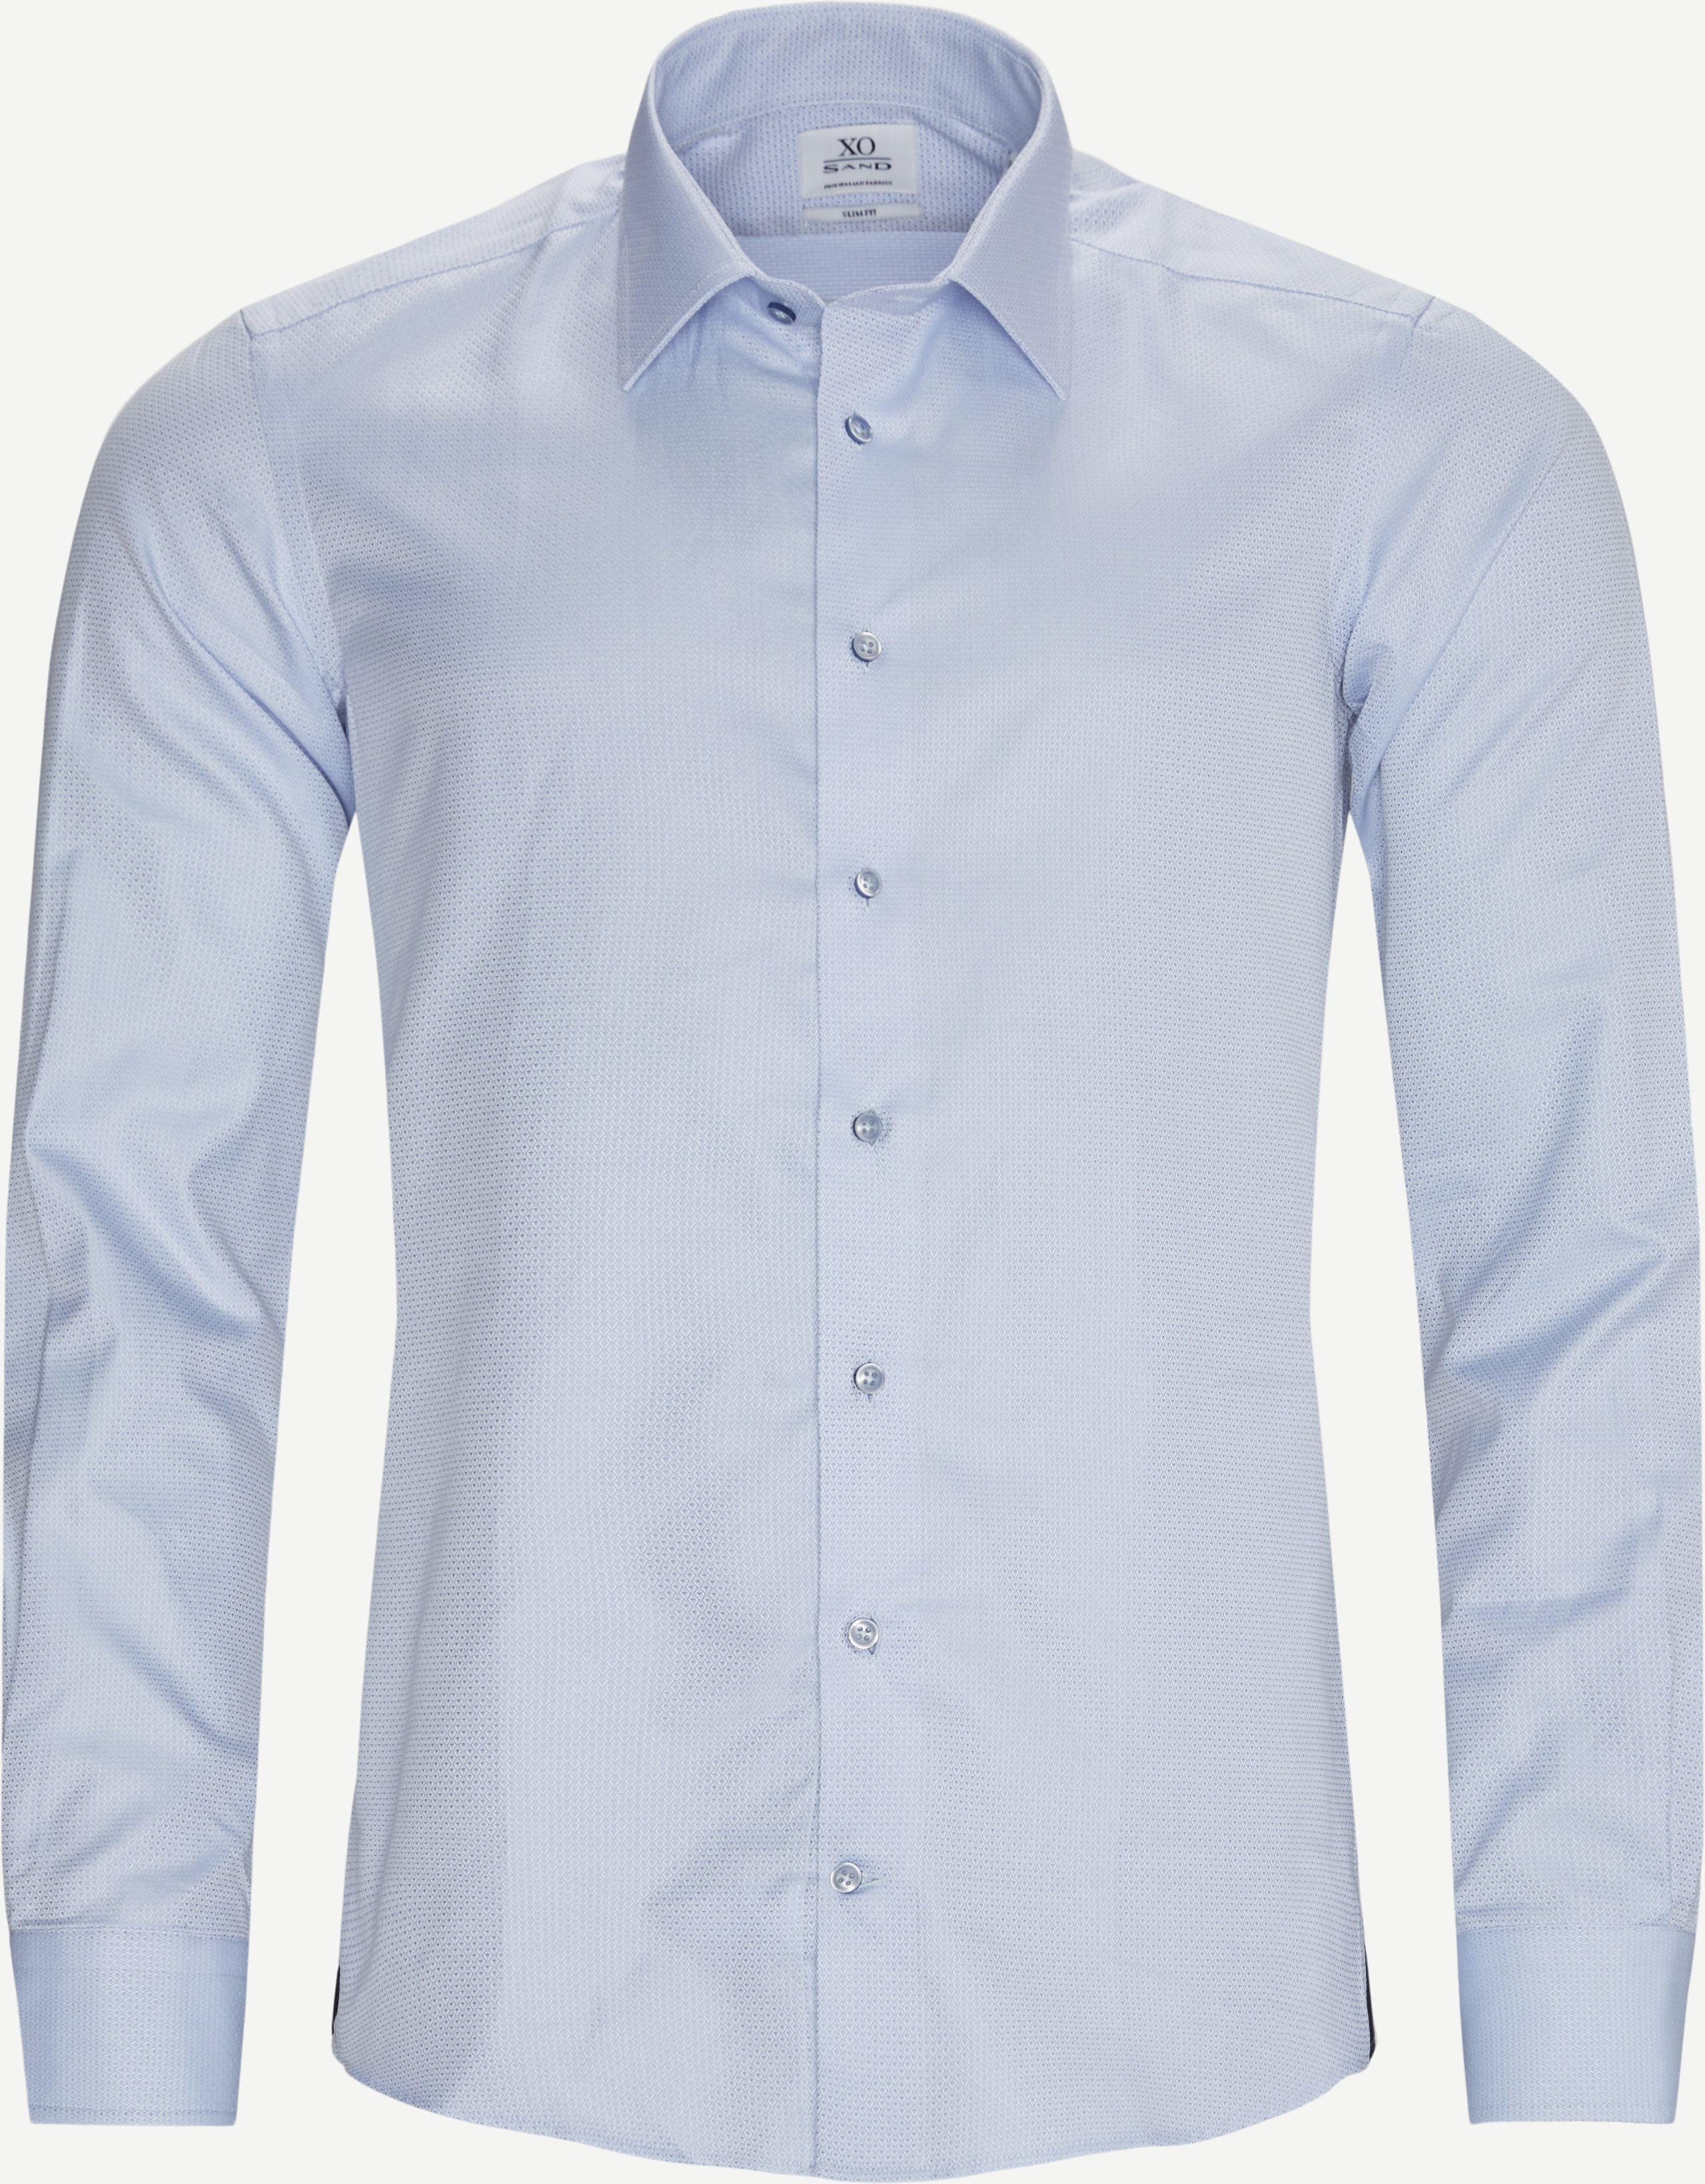 Jake Gordon Skjorte - Skjorter - Slim fit - Blå